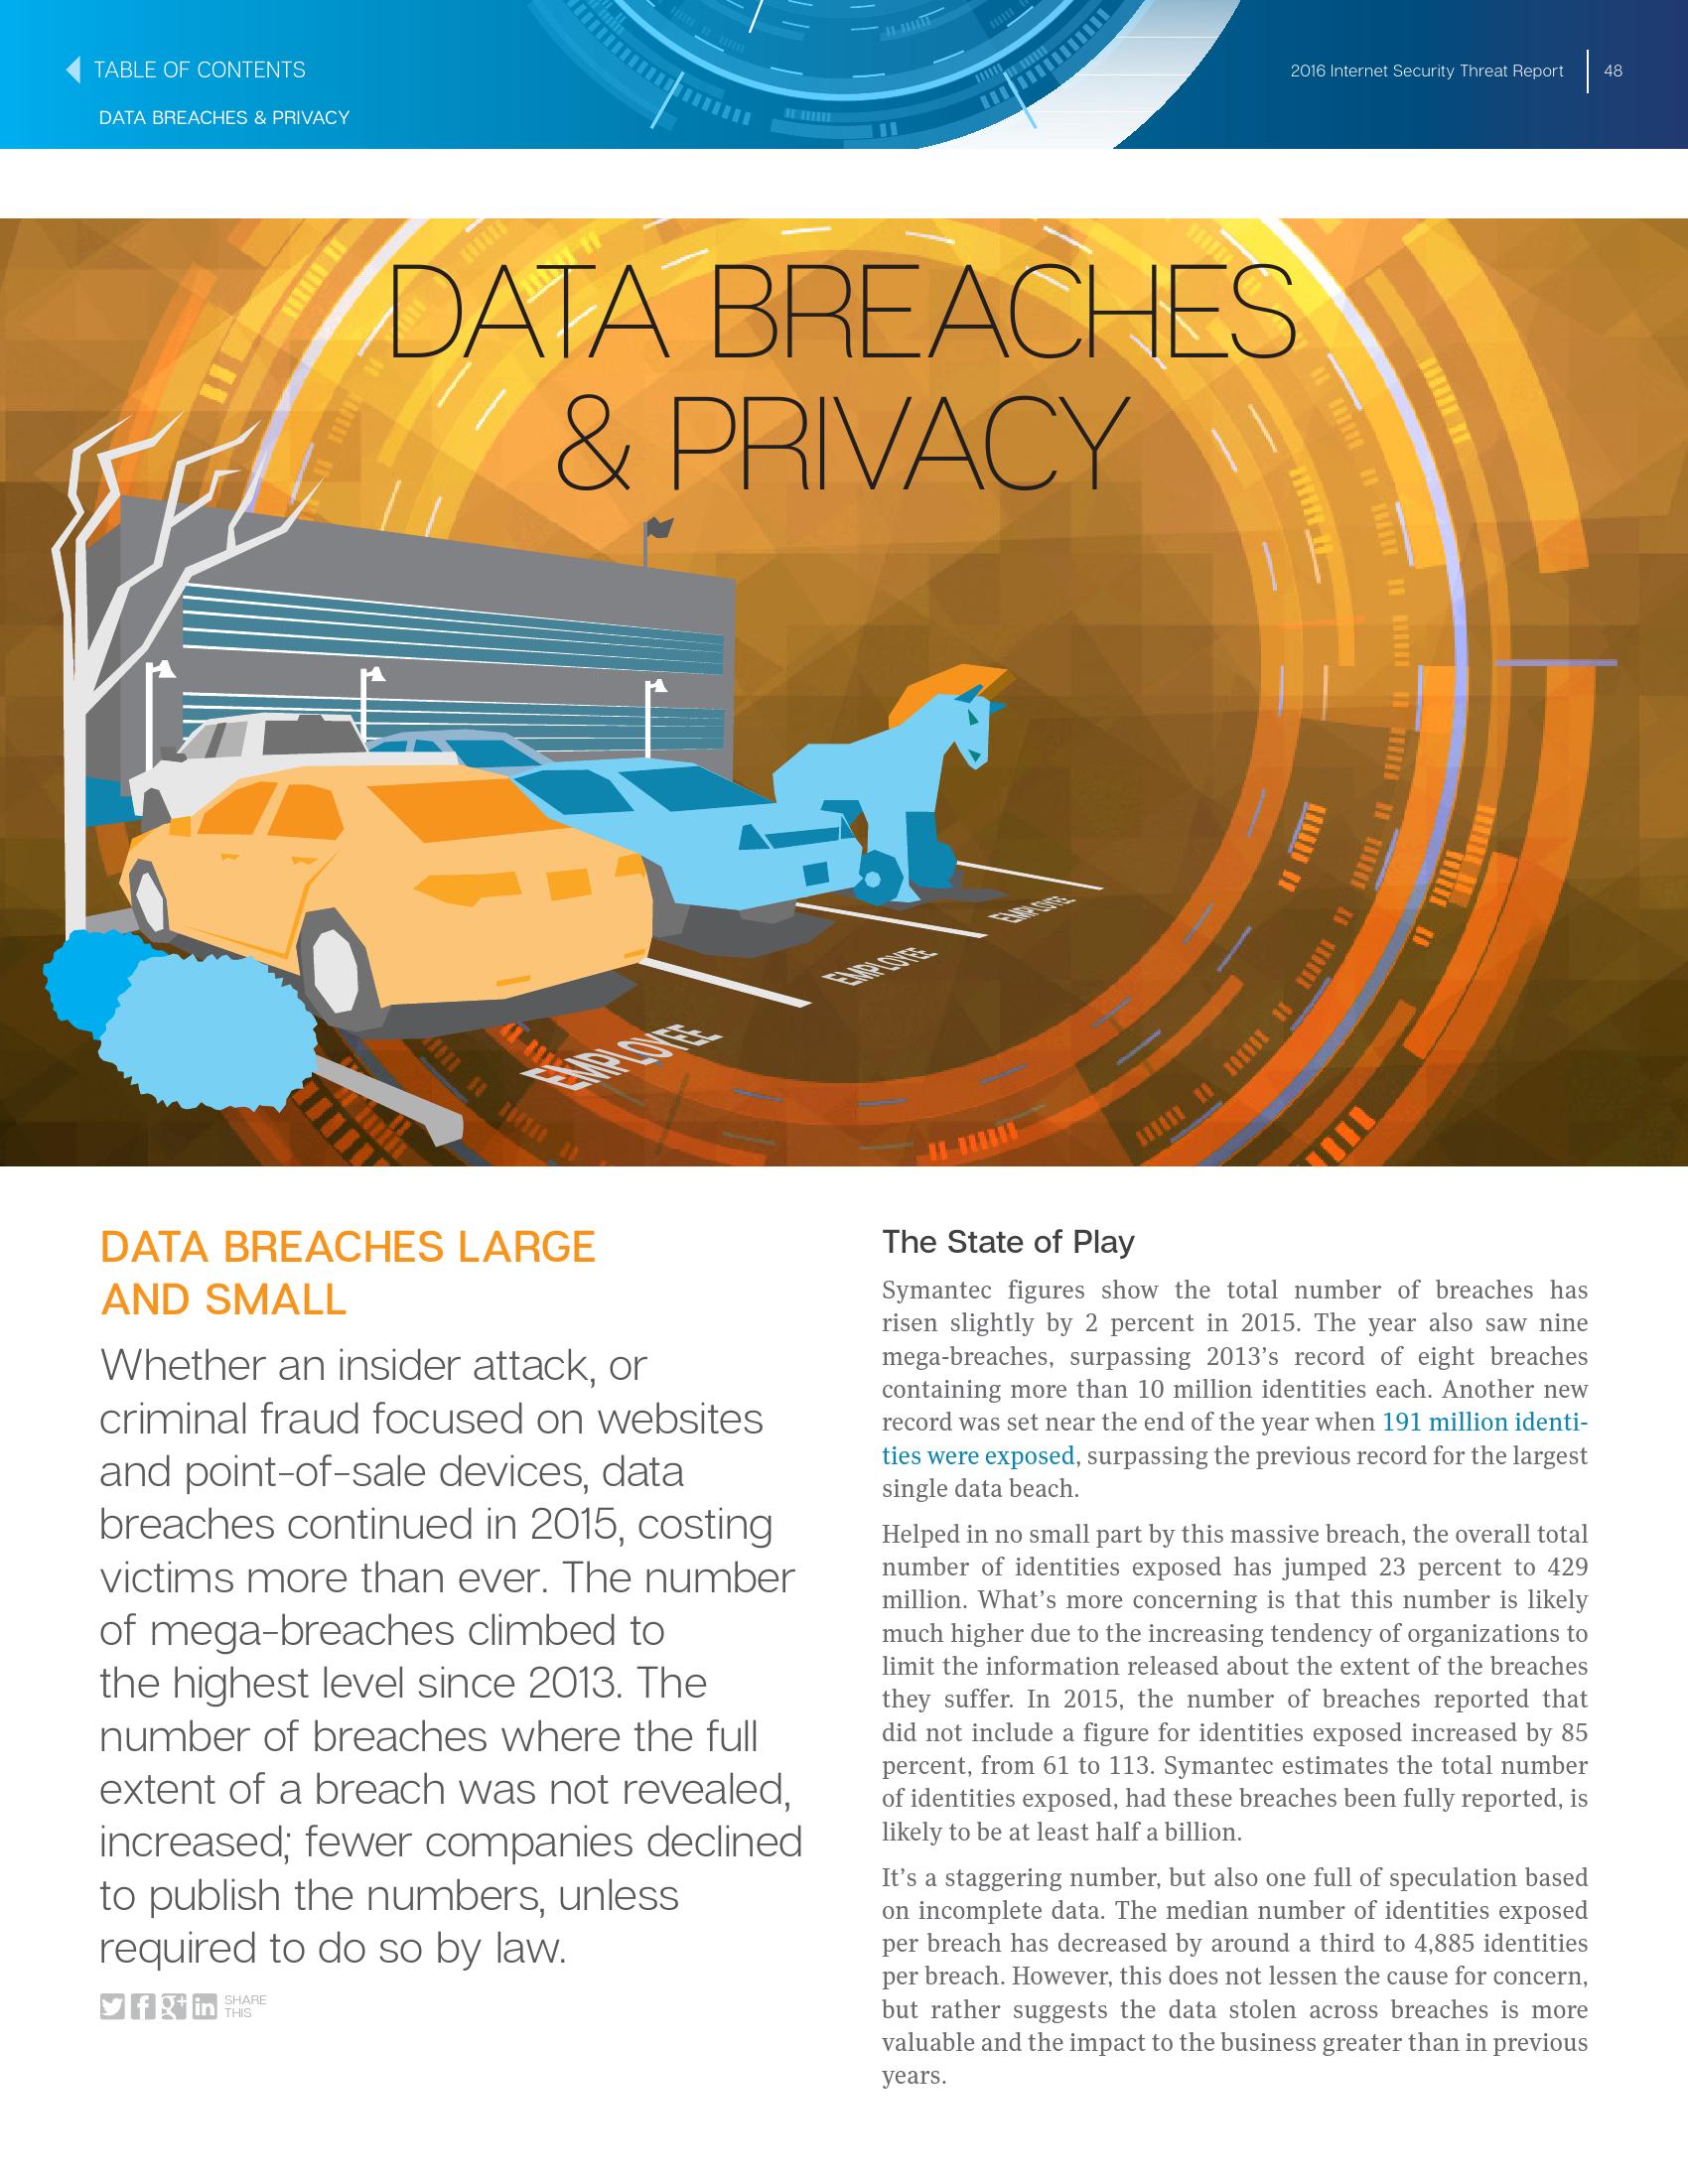 2016年互联网安全威胁报告_000048